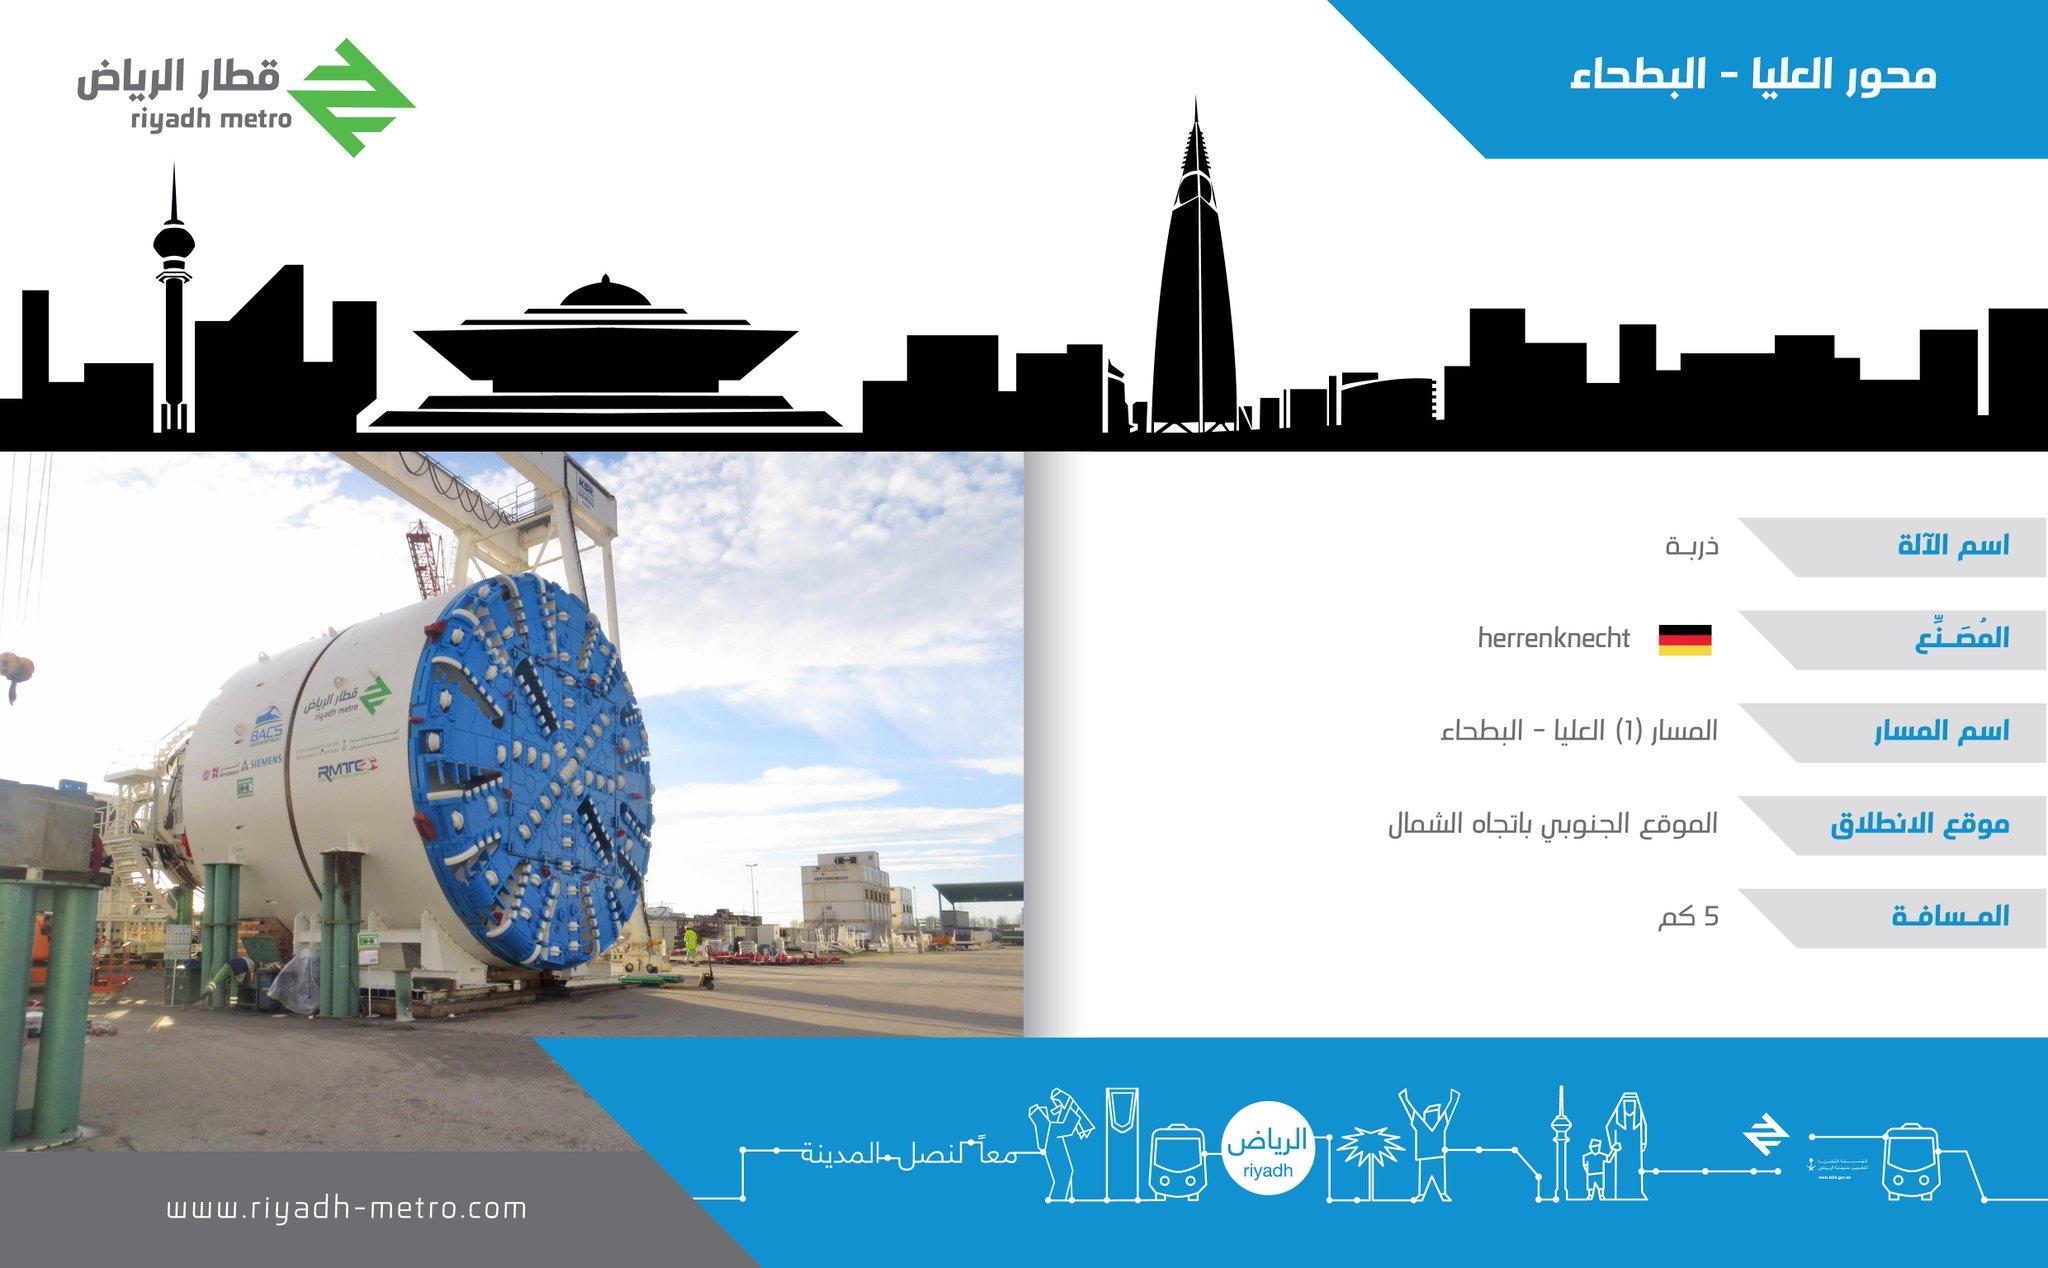 السعوديه دولة عظمى وفي طريقها الى العالم الأول  - صفحة 3 CD1UwEzUMAIoGBL